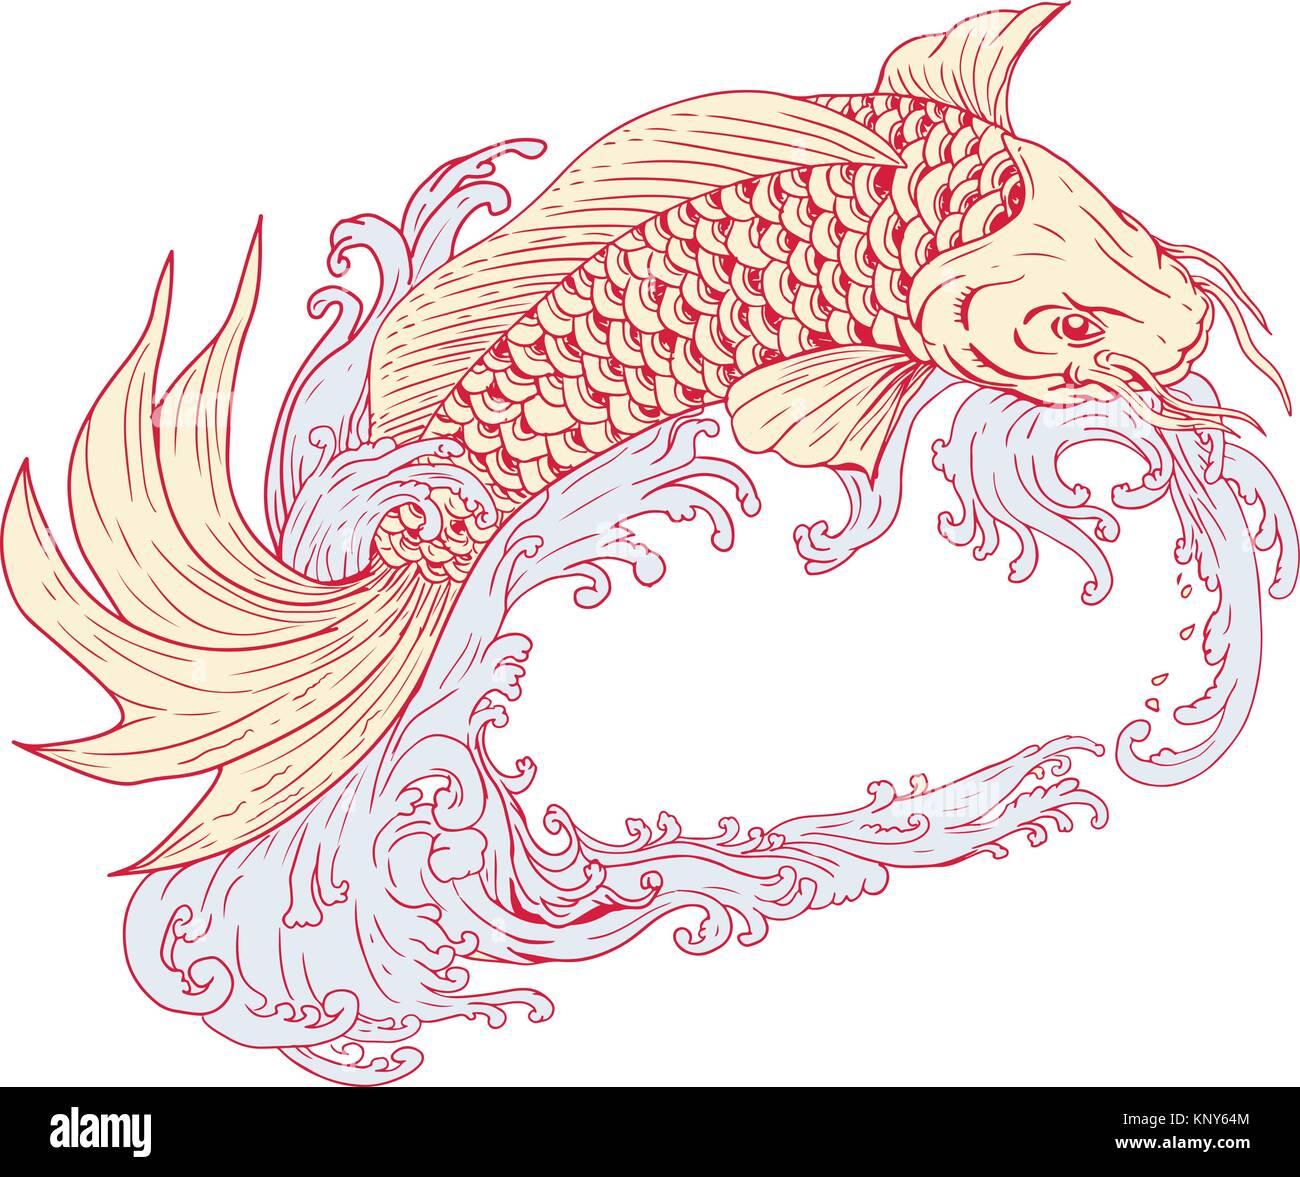 Dibujo Dibujo Ilustración De Un Estilo O Koi Peces De Colores